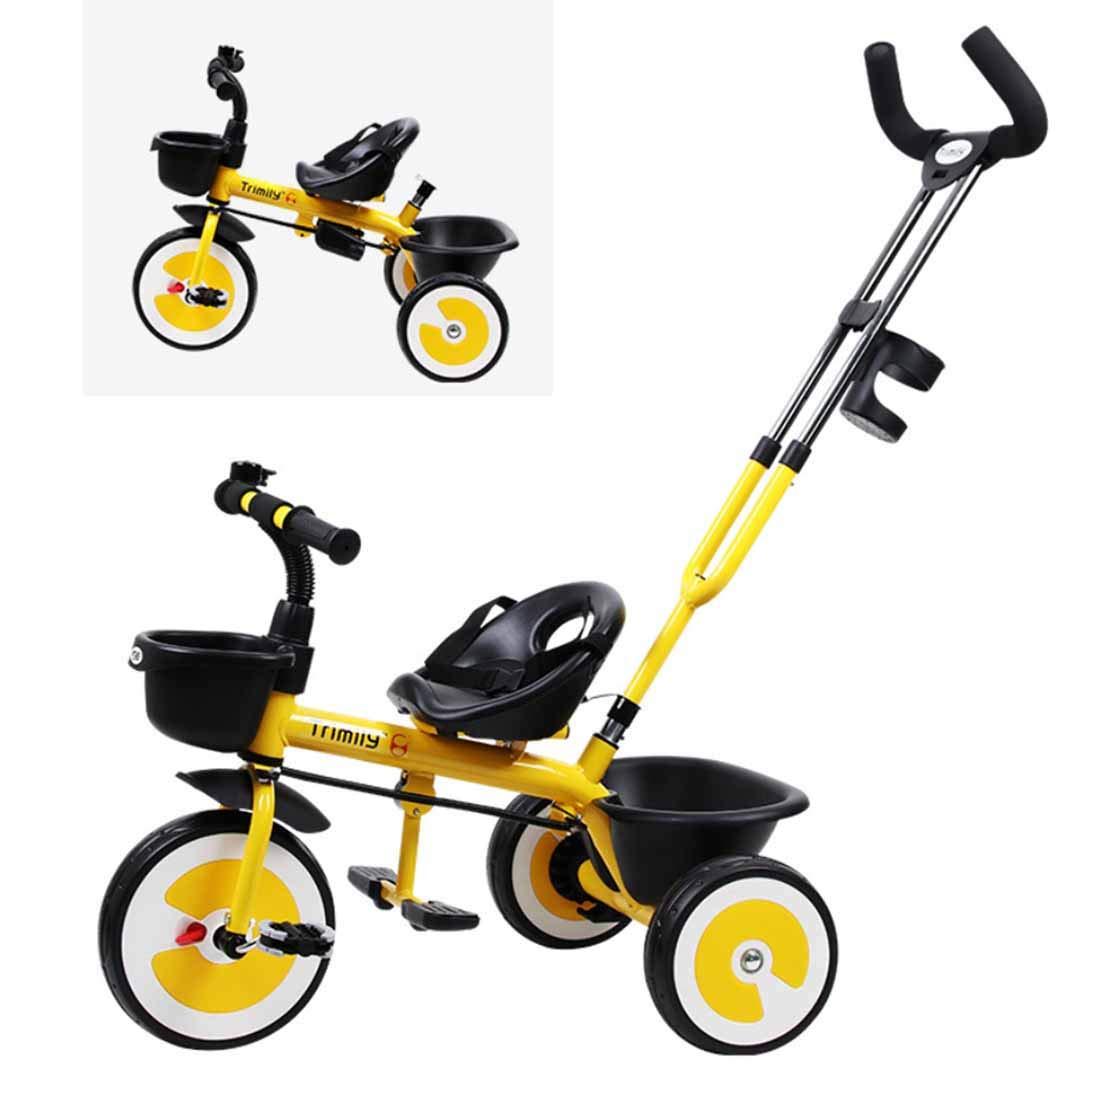 autorización oficial amarillo amarillo amarillo MUYU Pedal Triciclo niño 2 en 1 niño Carro de Bicicleta Empujador Desmontable Adecuado para niños de 1 a 6 años.  tienda de venta en línea